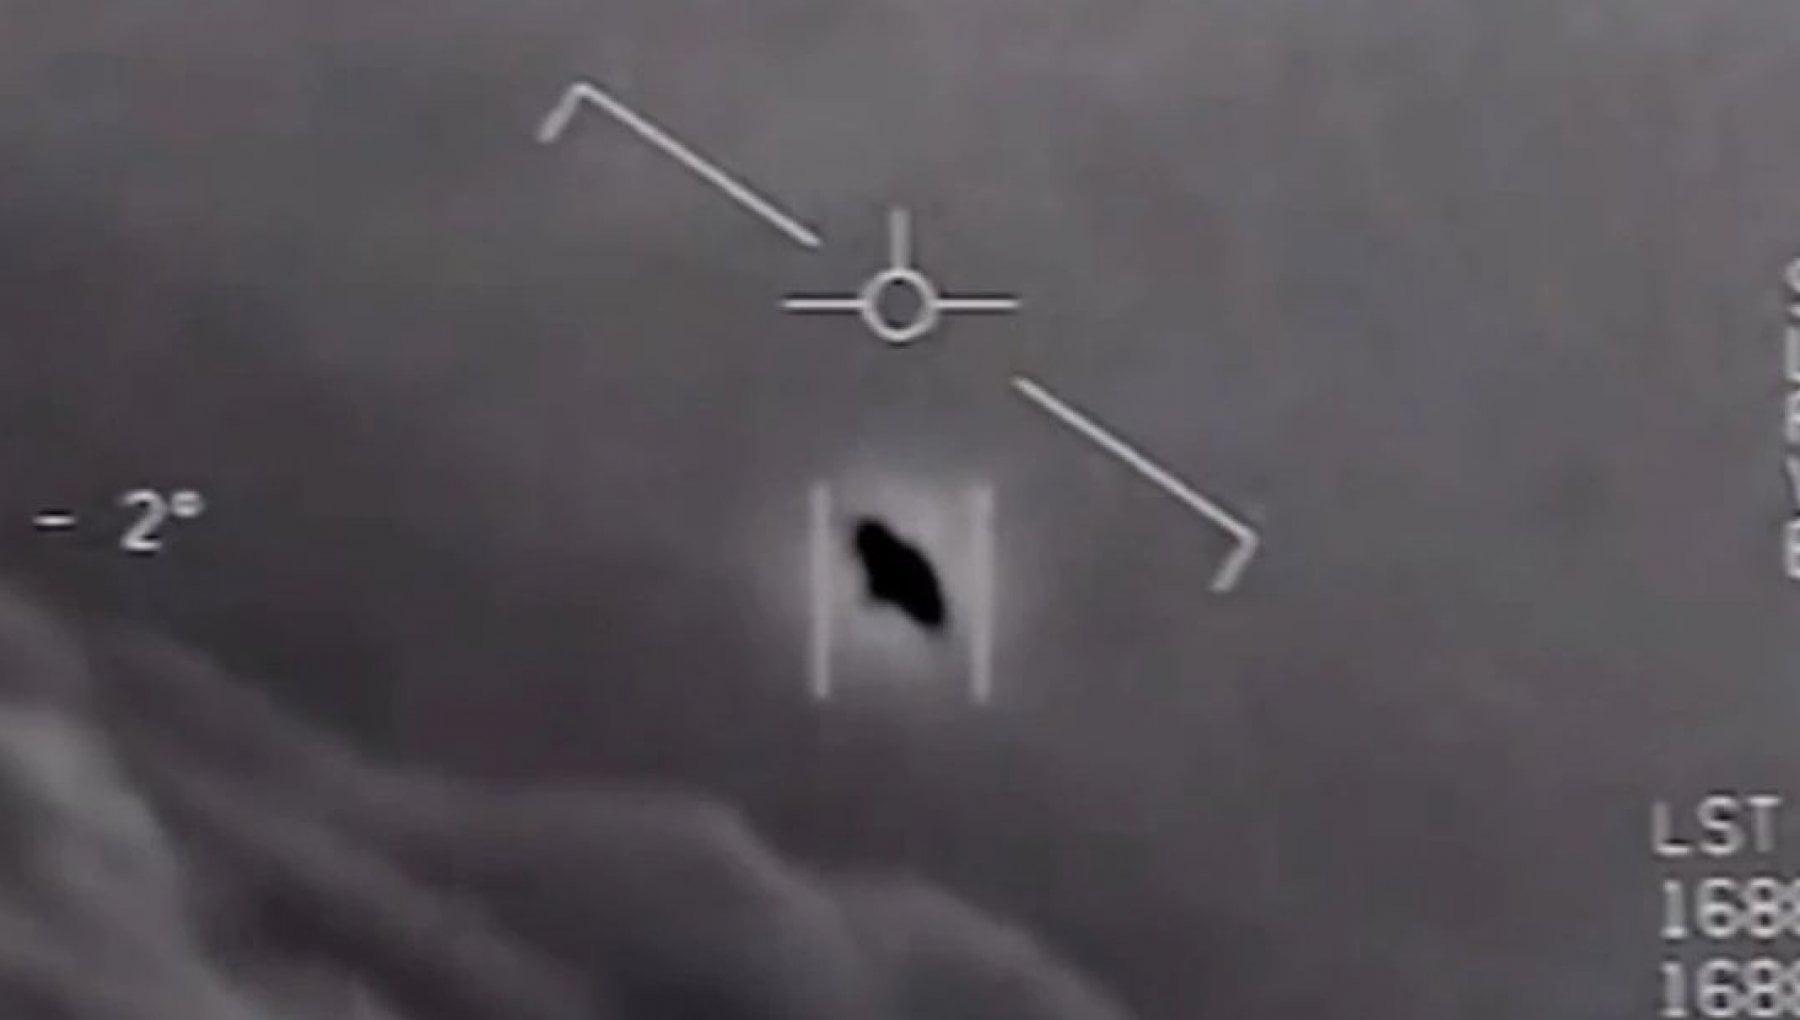 221940059 3cd987d3 b666 44c4 9b0e b8d0ddeea9f8 - Il report sugli Ufo che tiene il mondo con il fiato sospeso